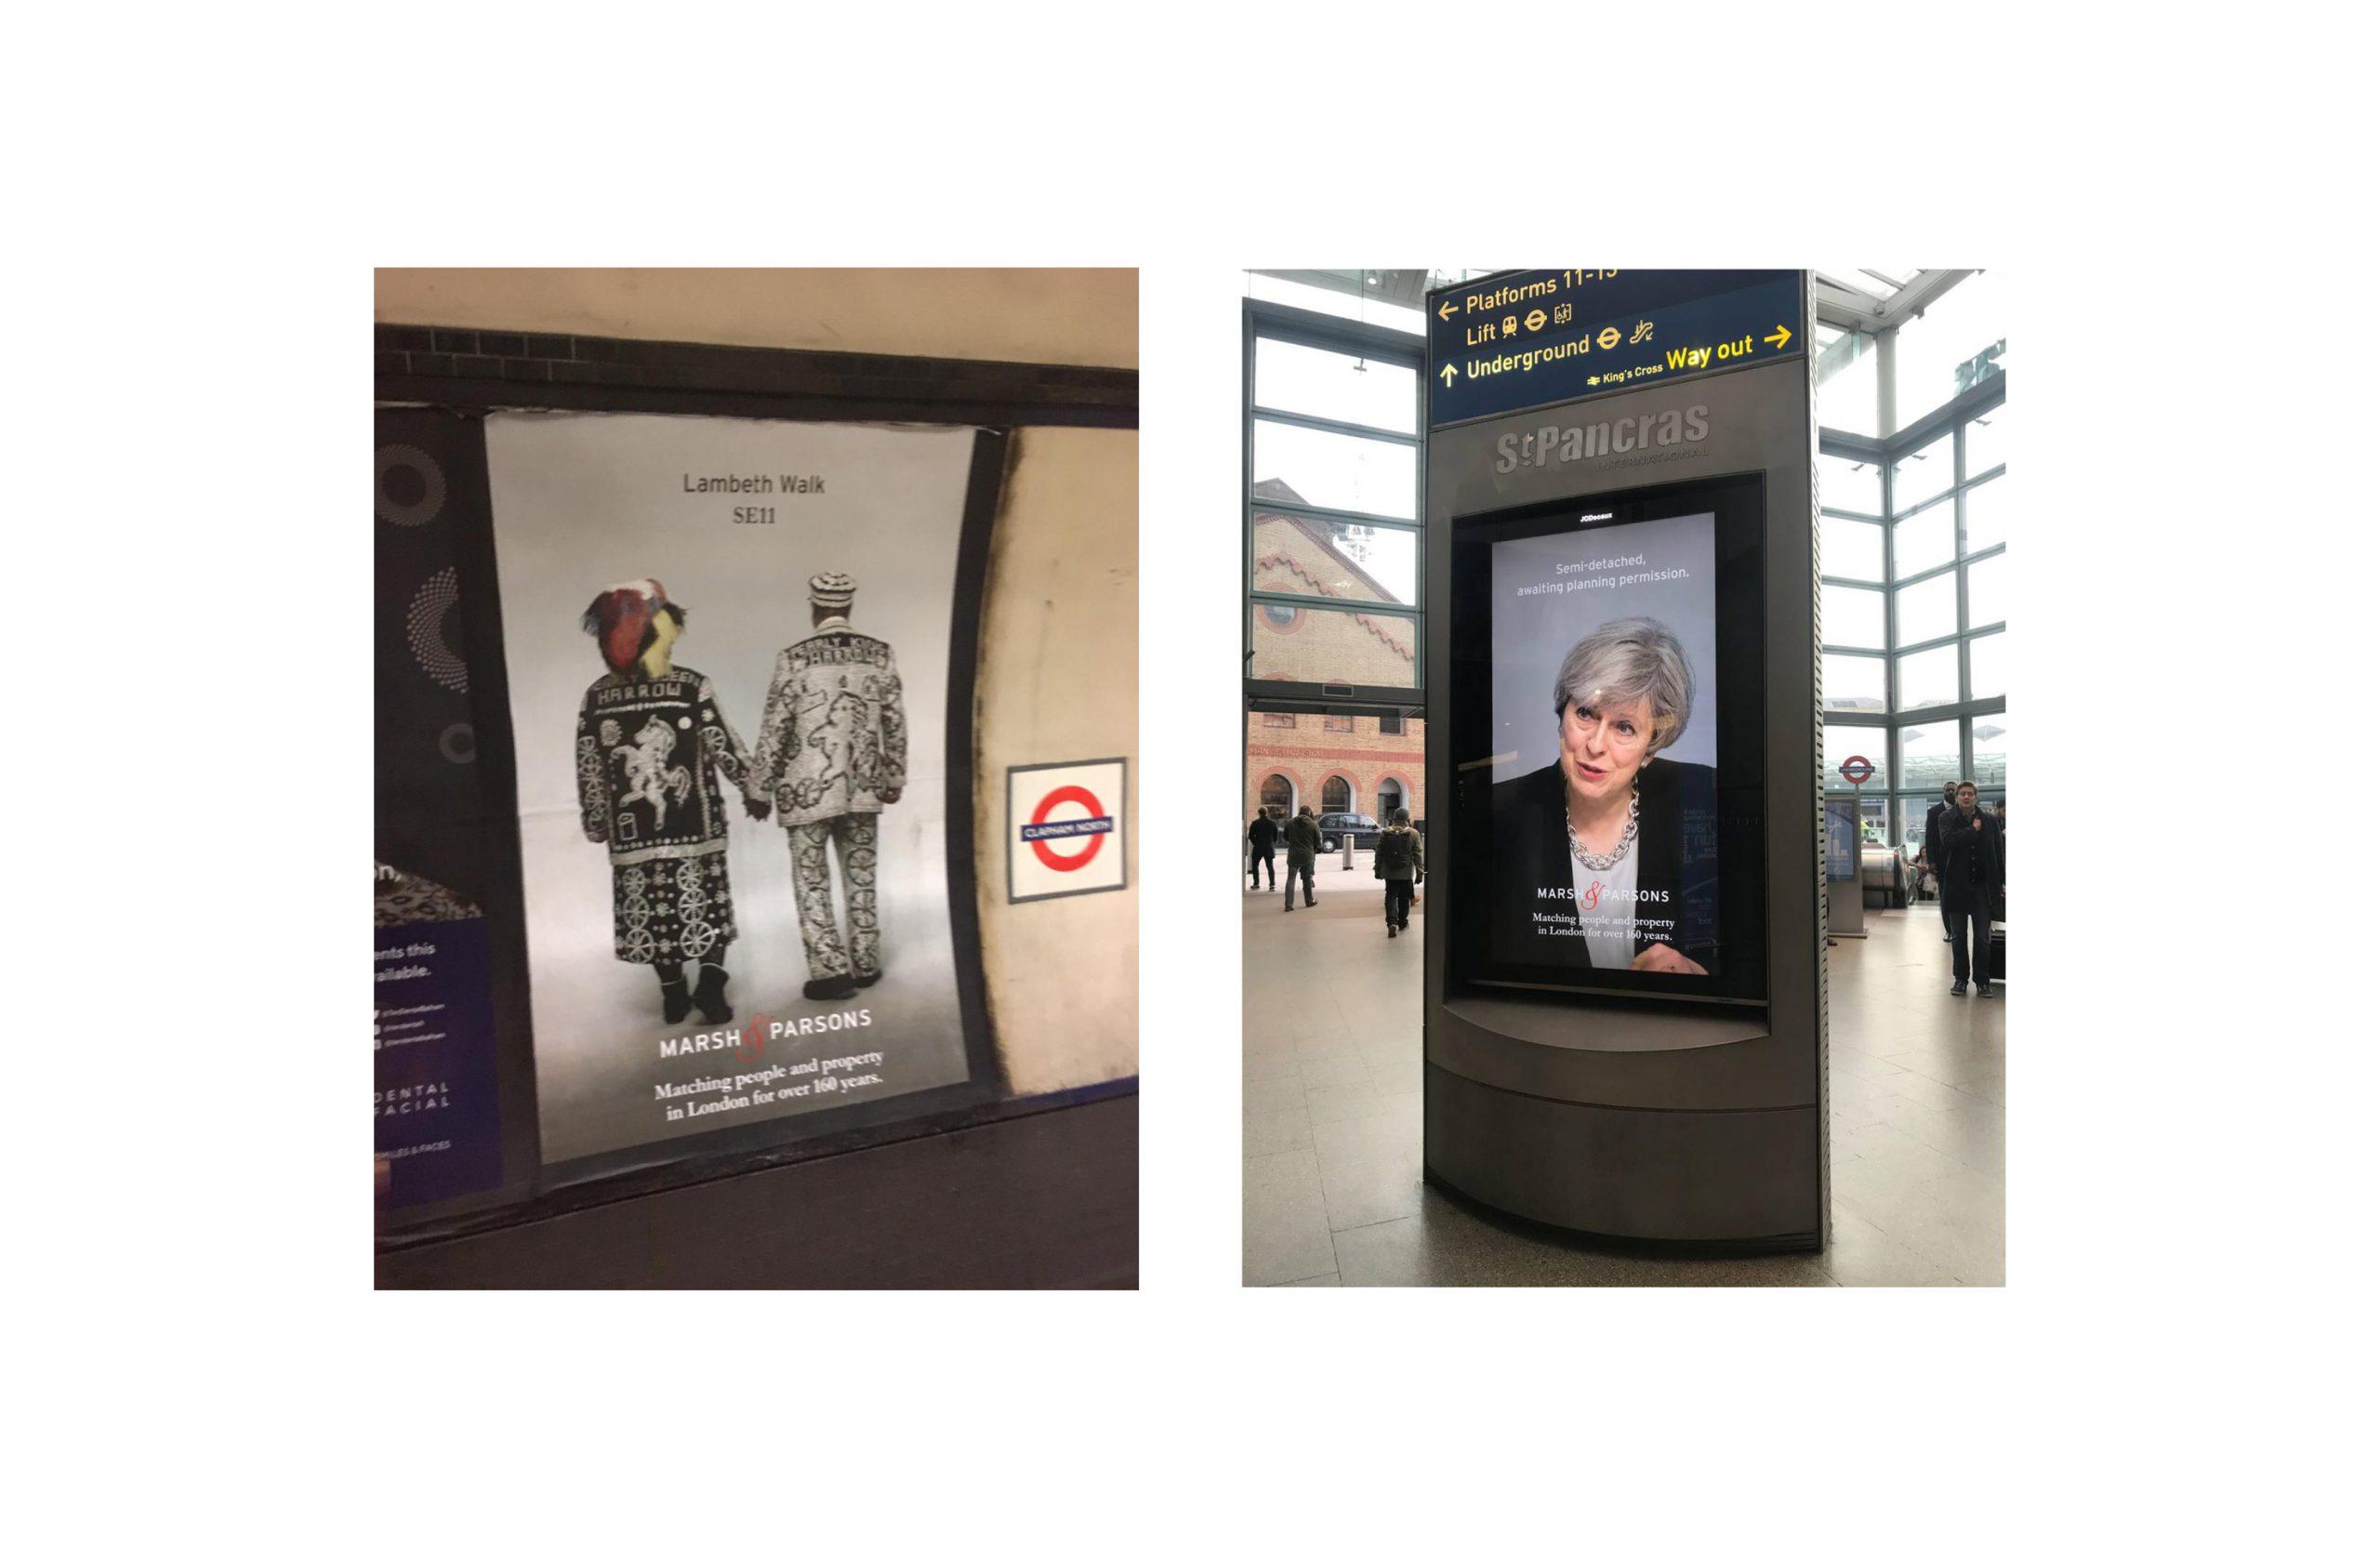 Marsh & Parsons underground ads